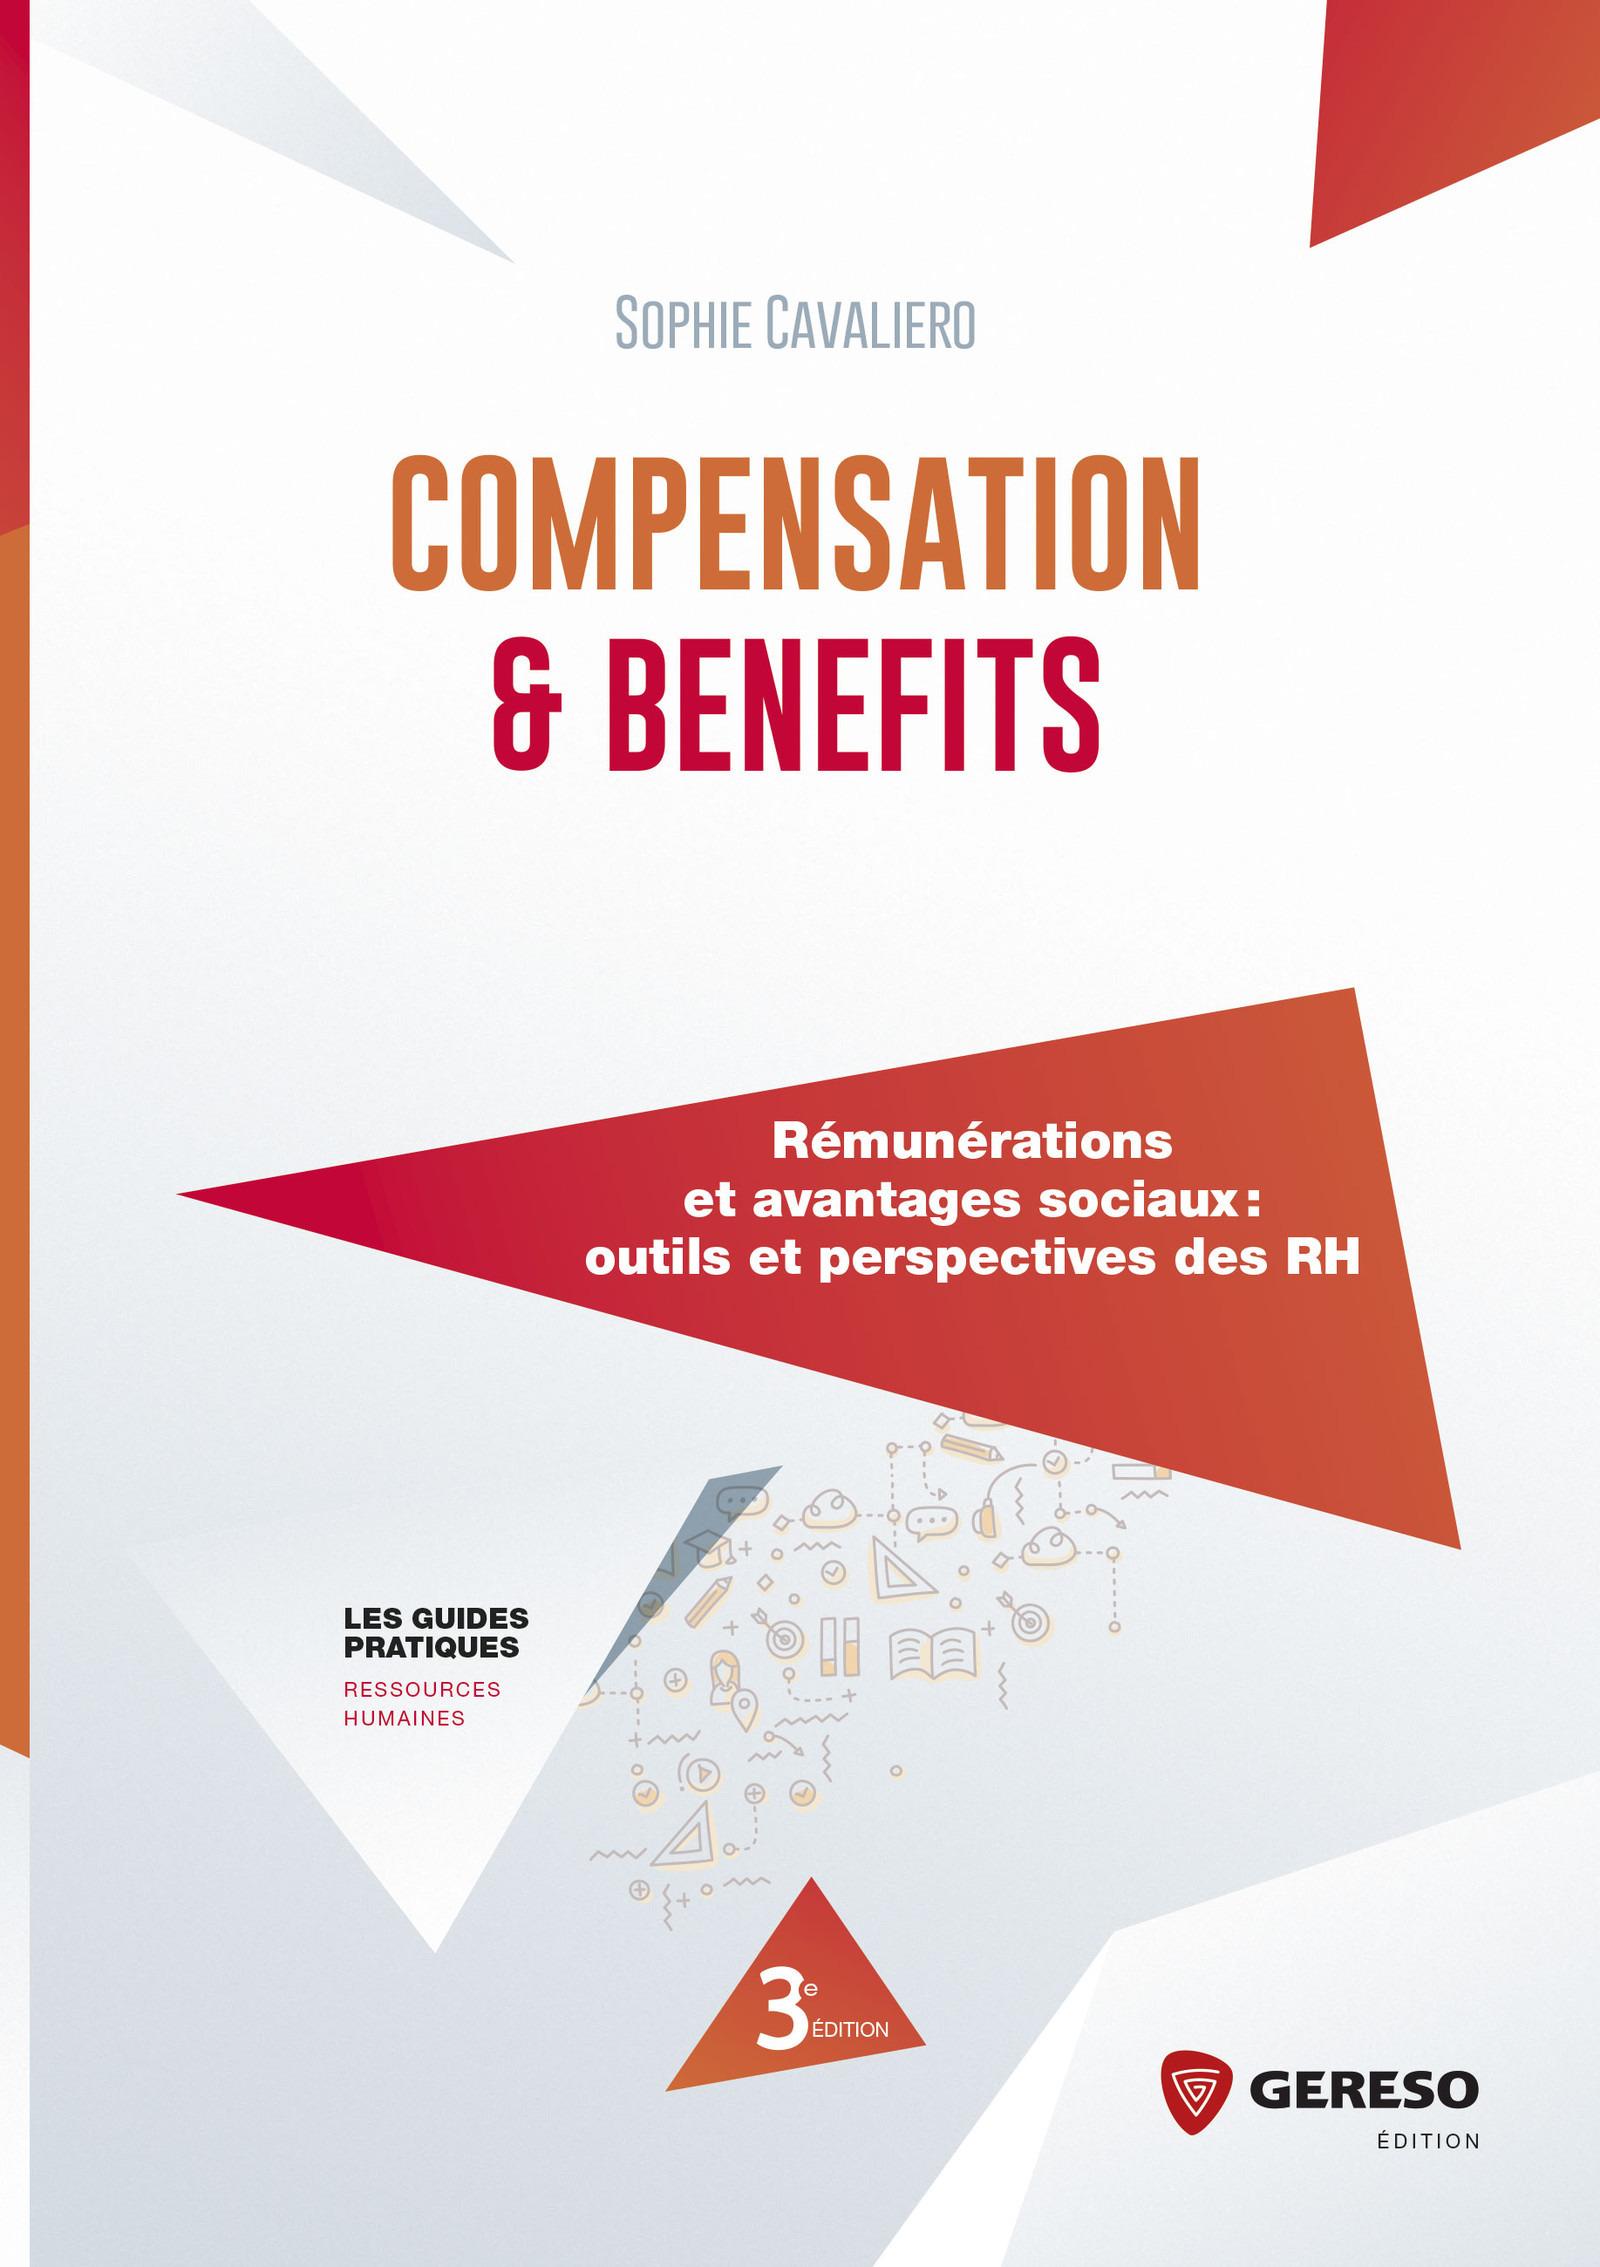 Compensation & benefits ; rémunérations et avantages sociaux, outils et perspectives des RH